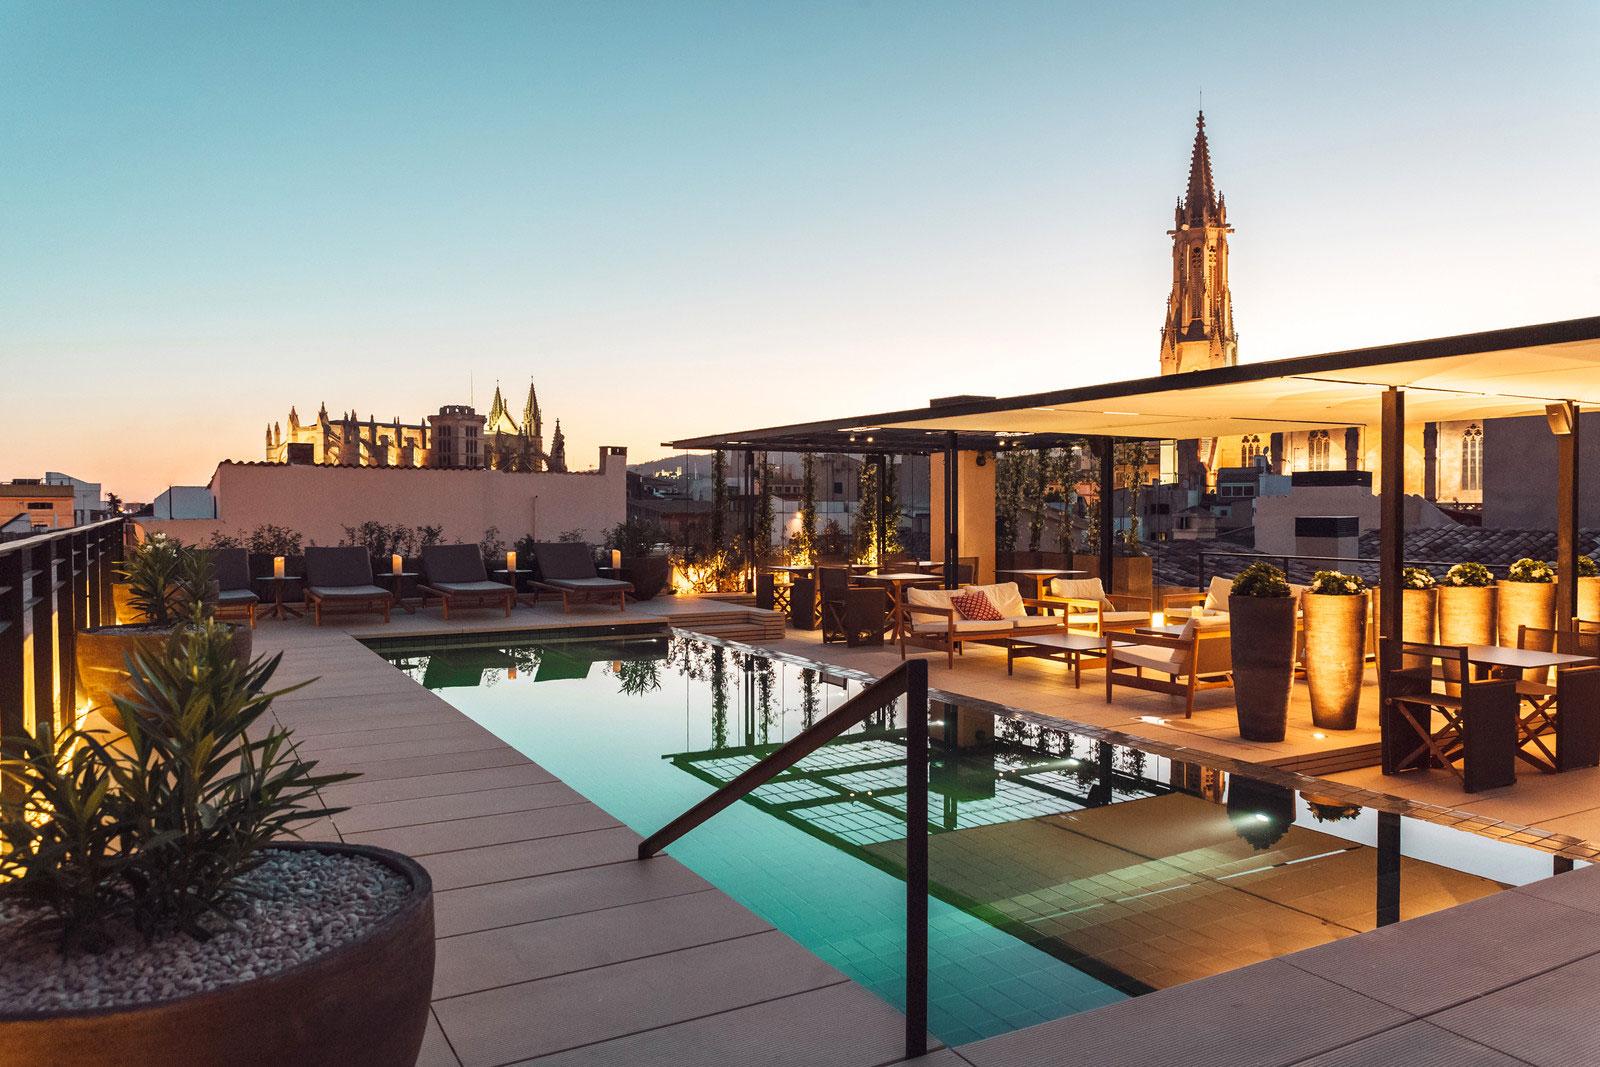 San francesc hotel in palma de mallorca caandesign for Kenay home mallorca